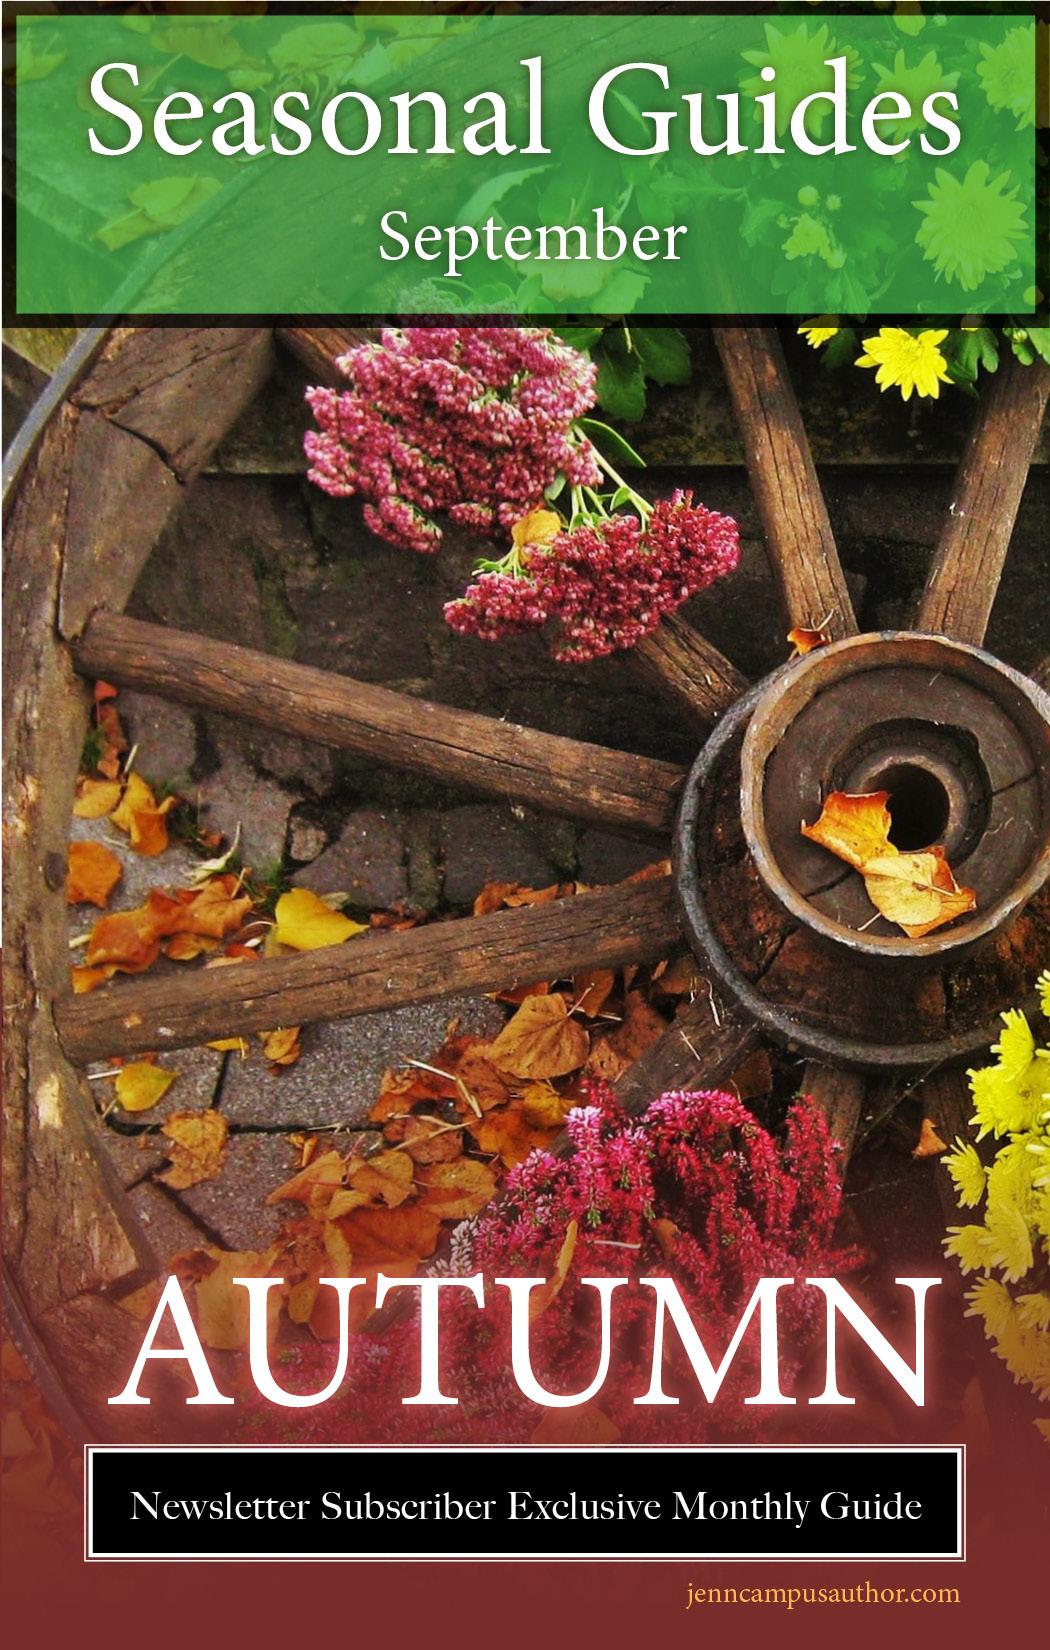 Seasonal Guide for September - Autumn